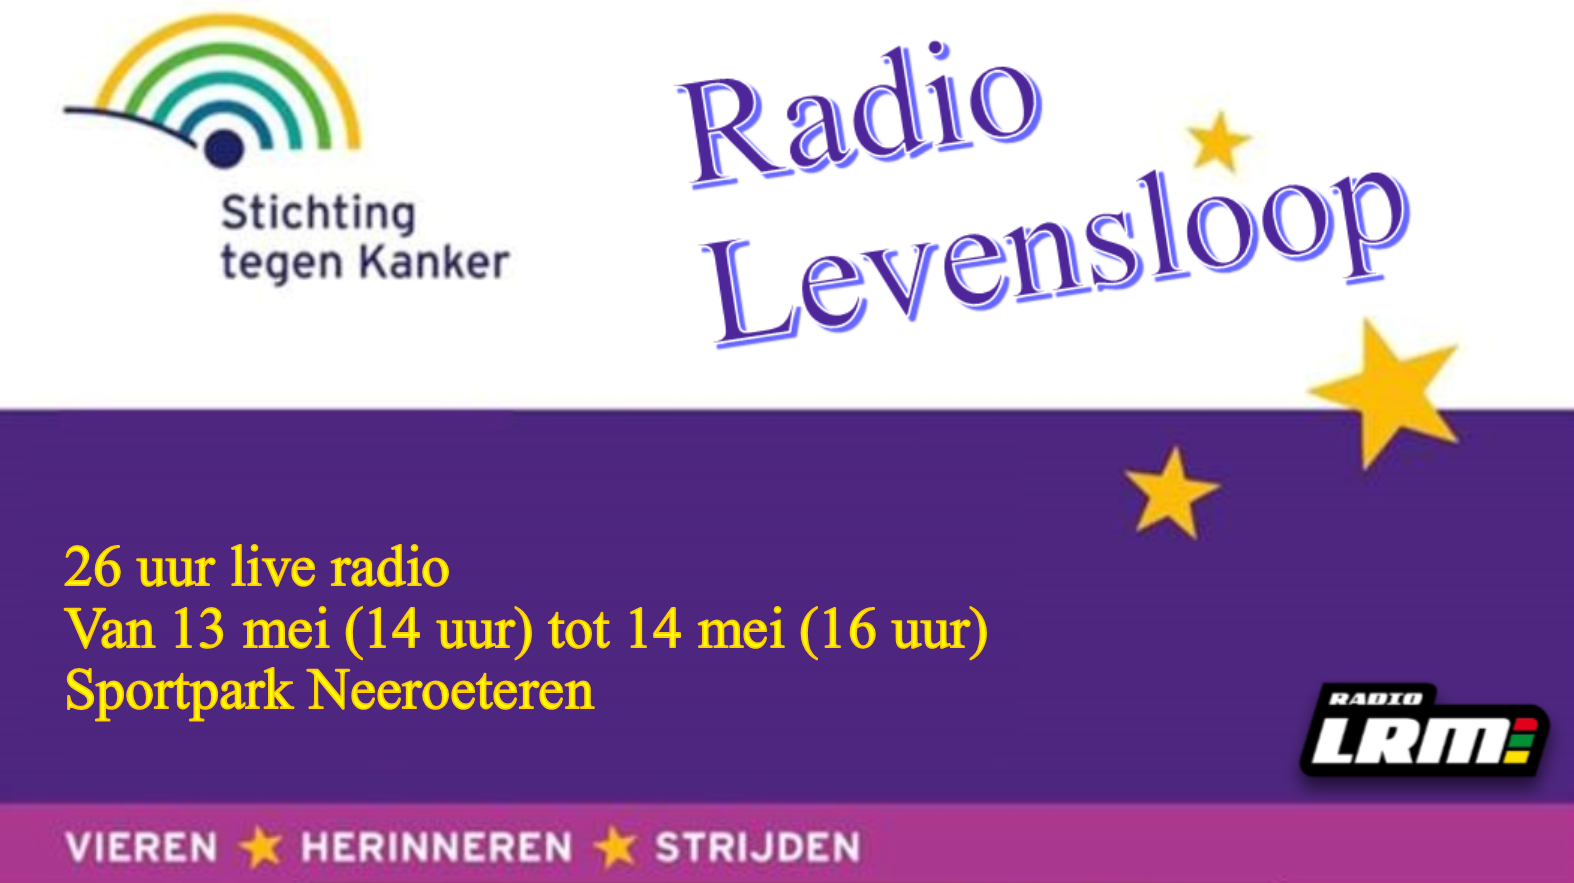 Radio Levensloop 2017